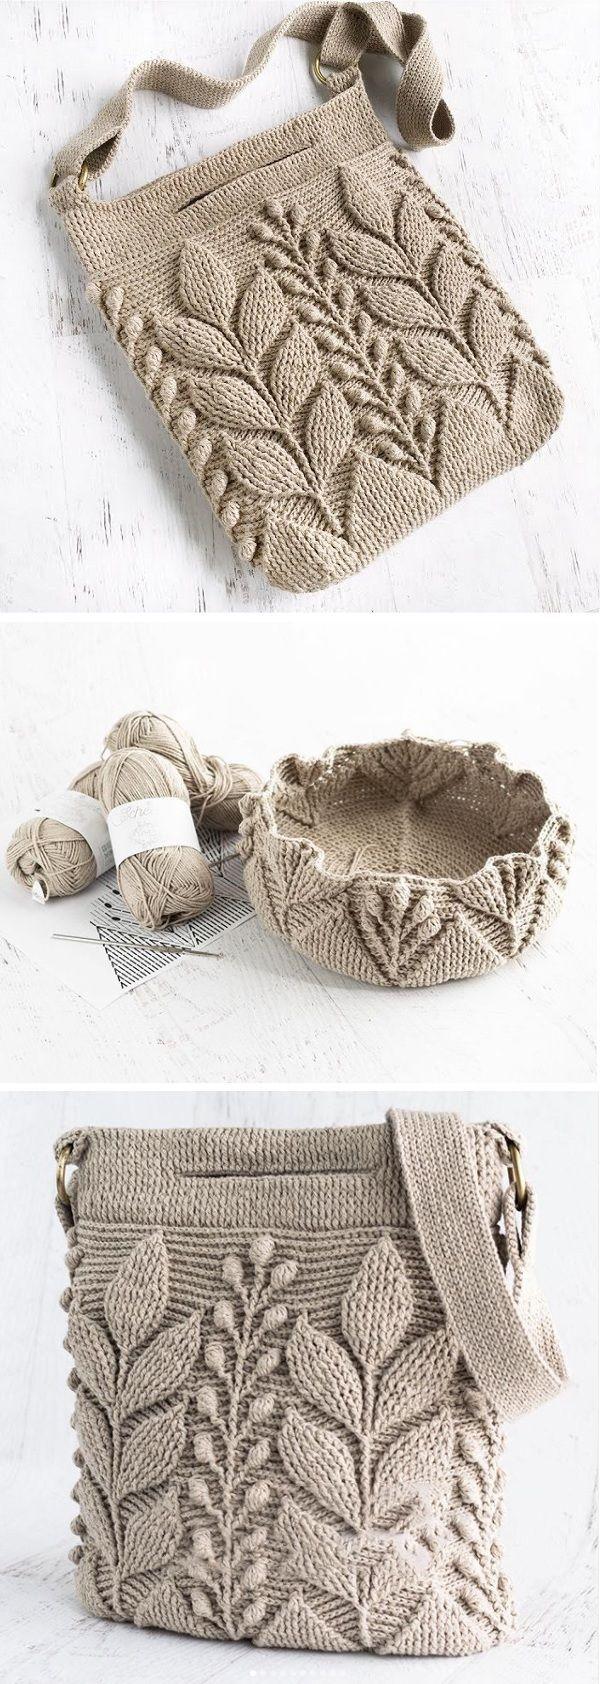 Crochet Leaf Bag Pattern - Design Peak